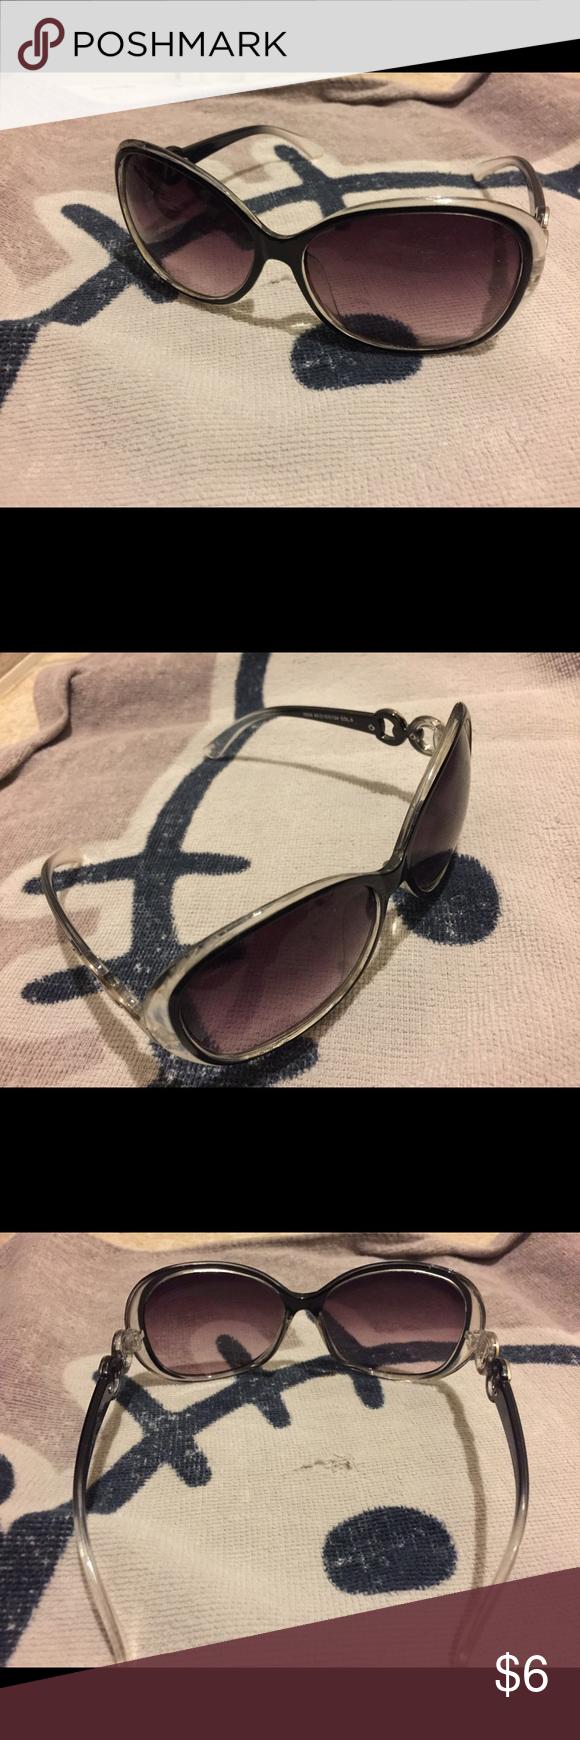 Oversized fashion sunglasses Euc. Accessories Glasses